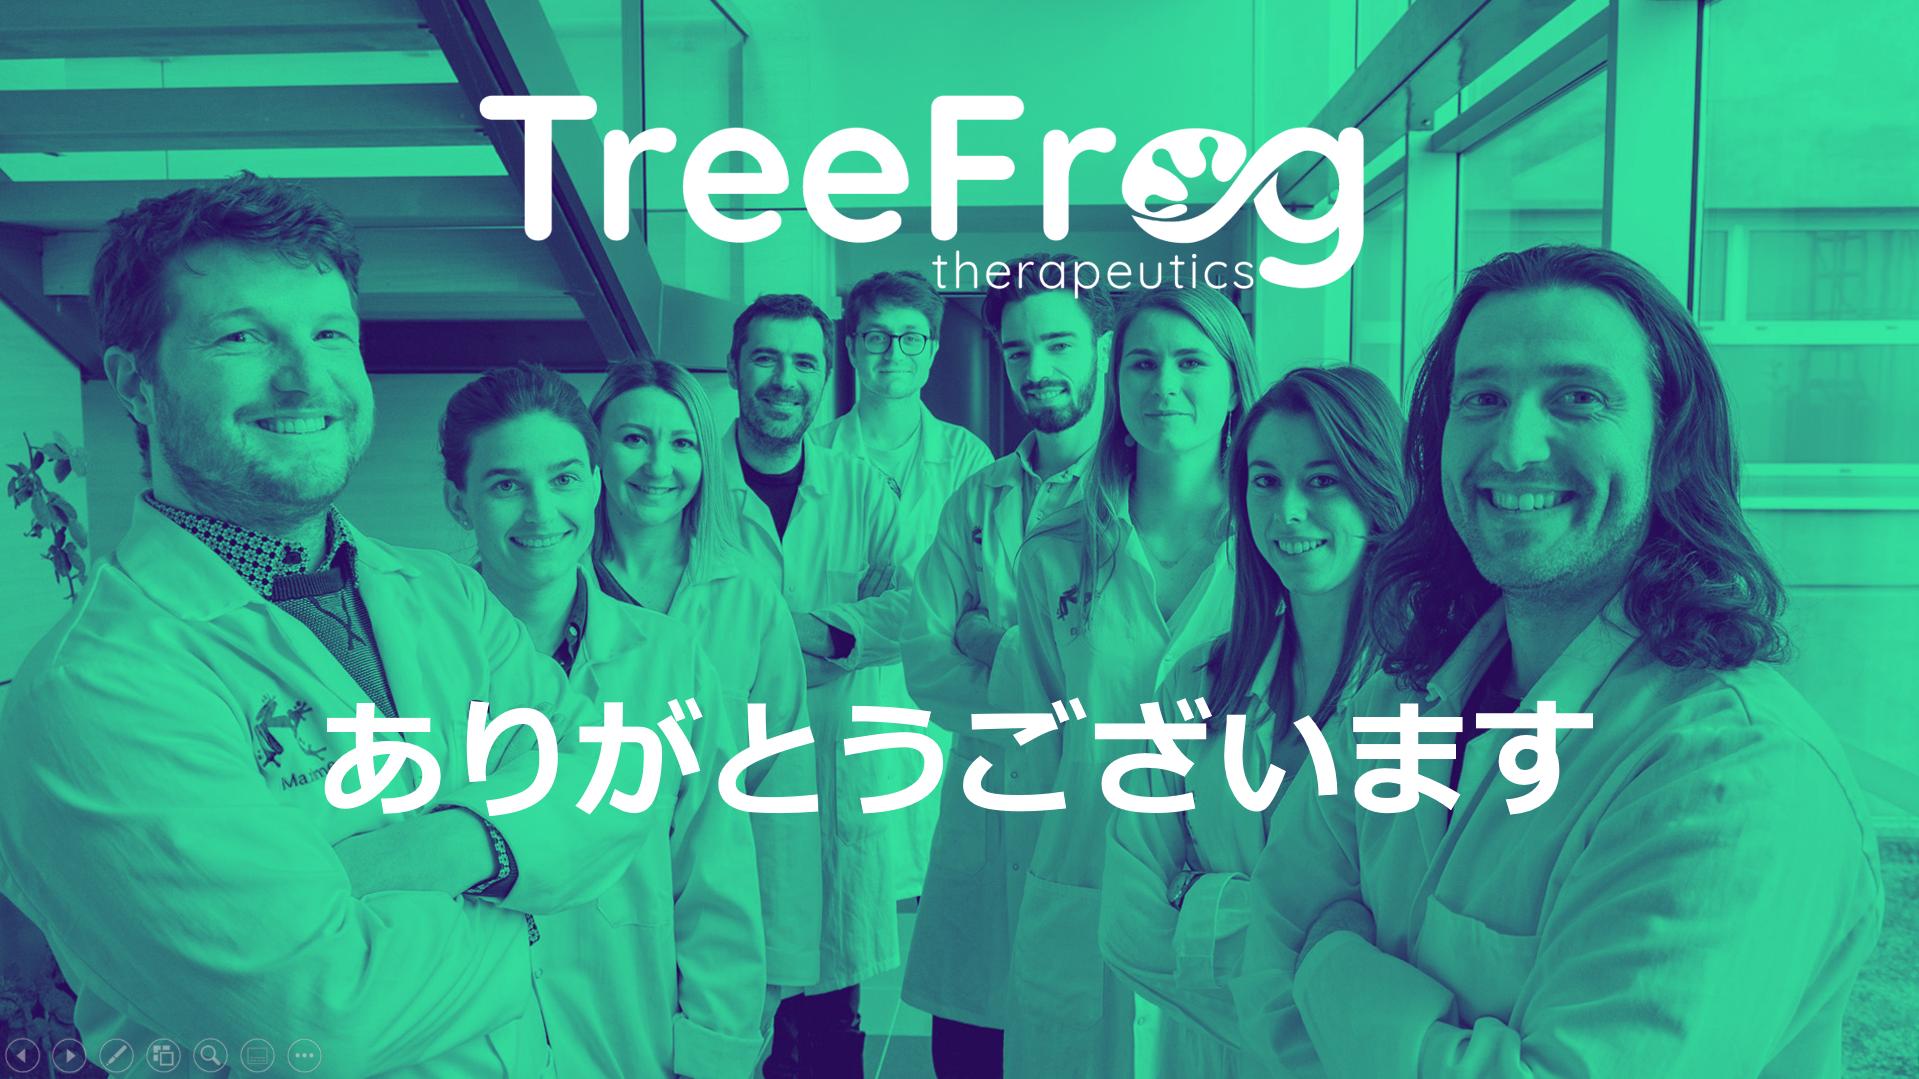 TreeFrog in Japanese !